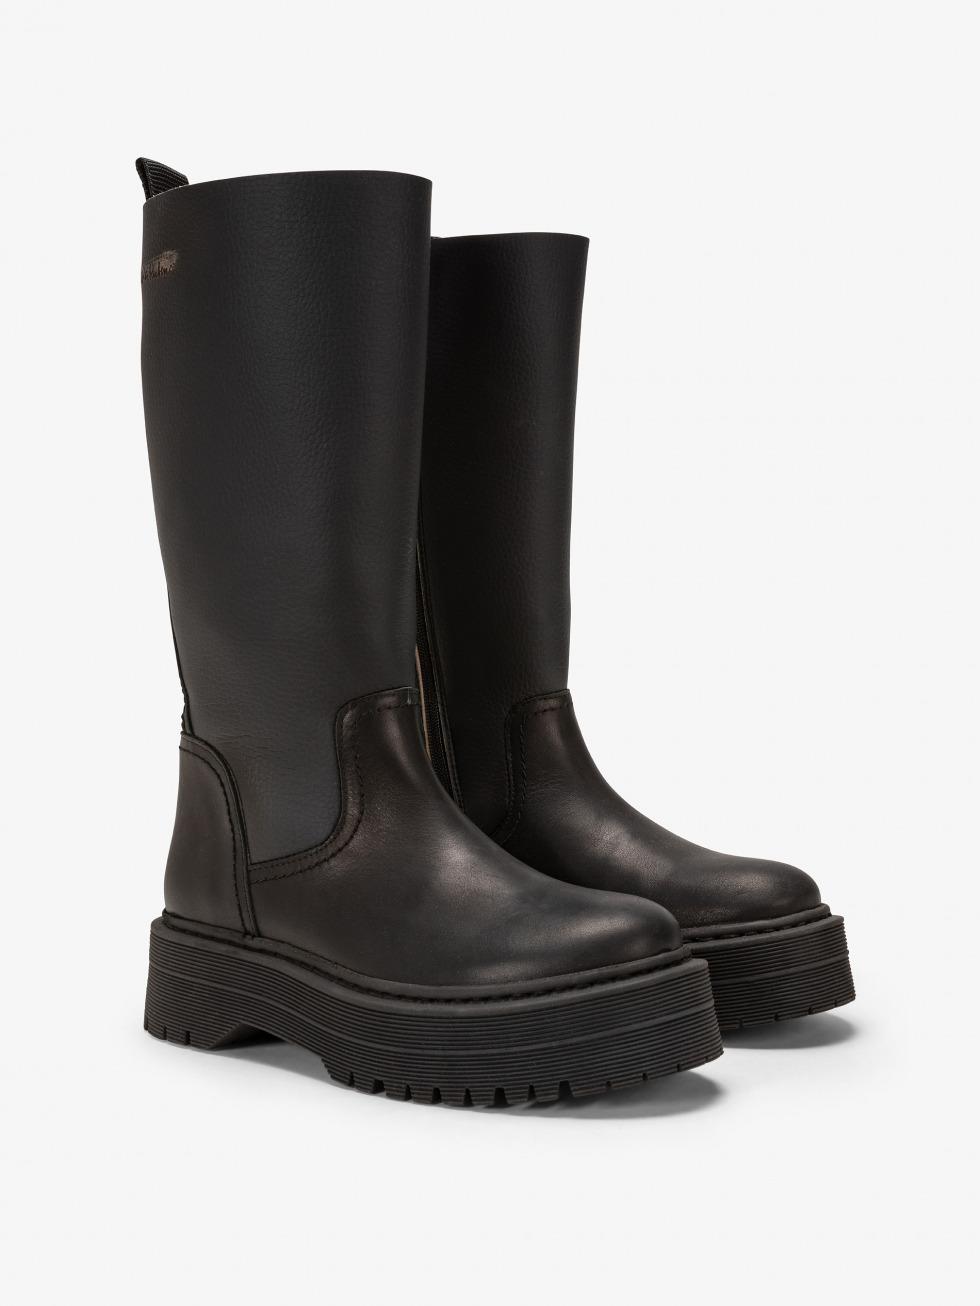 Frozen Top Boot - Rebel Black Sand